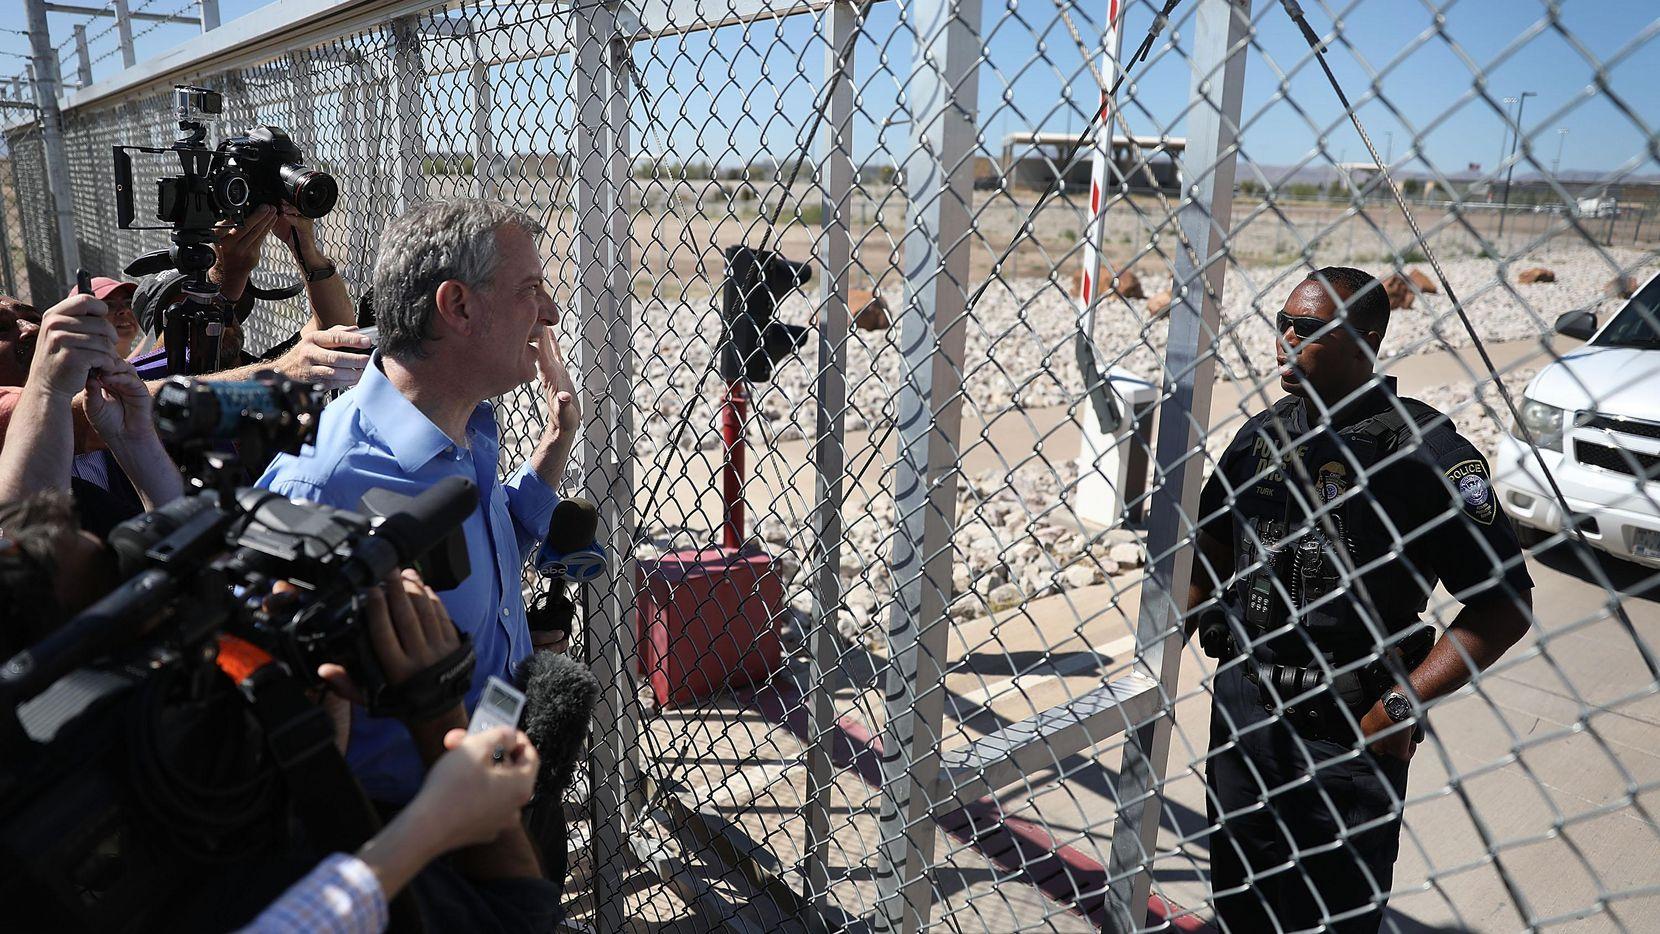 El alcalde de Nueva York Bil de Blasio visitó el centro de detención temporal en Tornillo, Texas para protestar por la separación de niños de sus padres.(Getty Images)